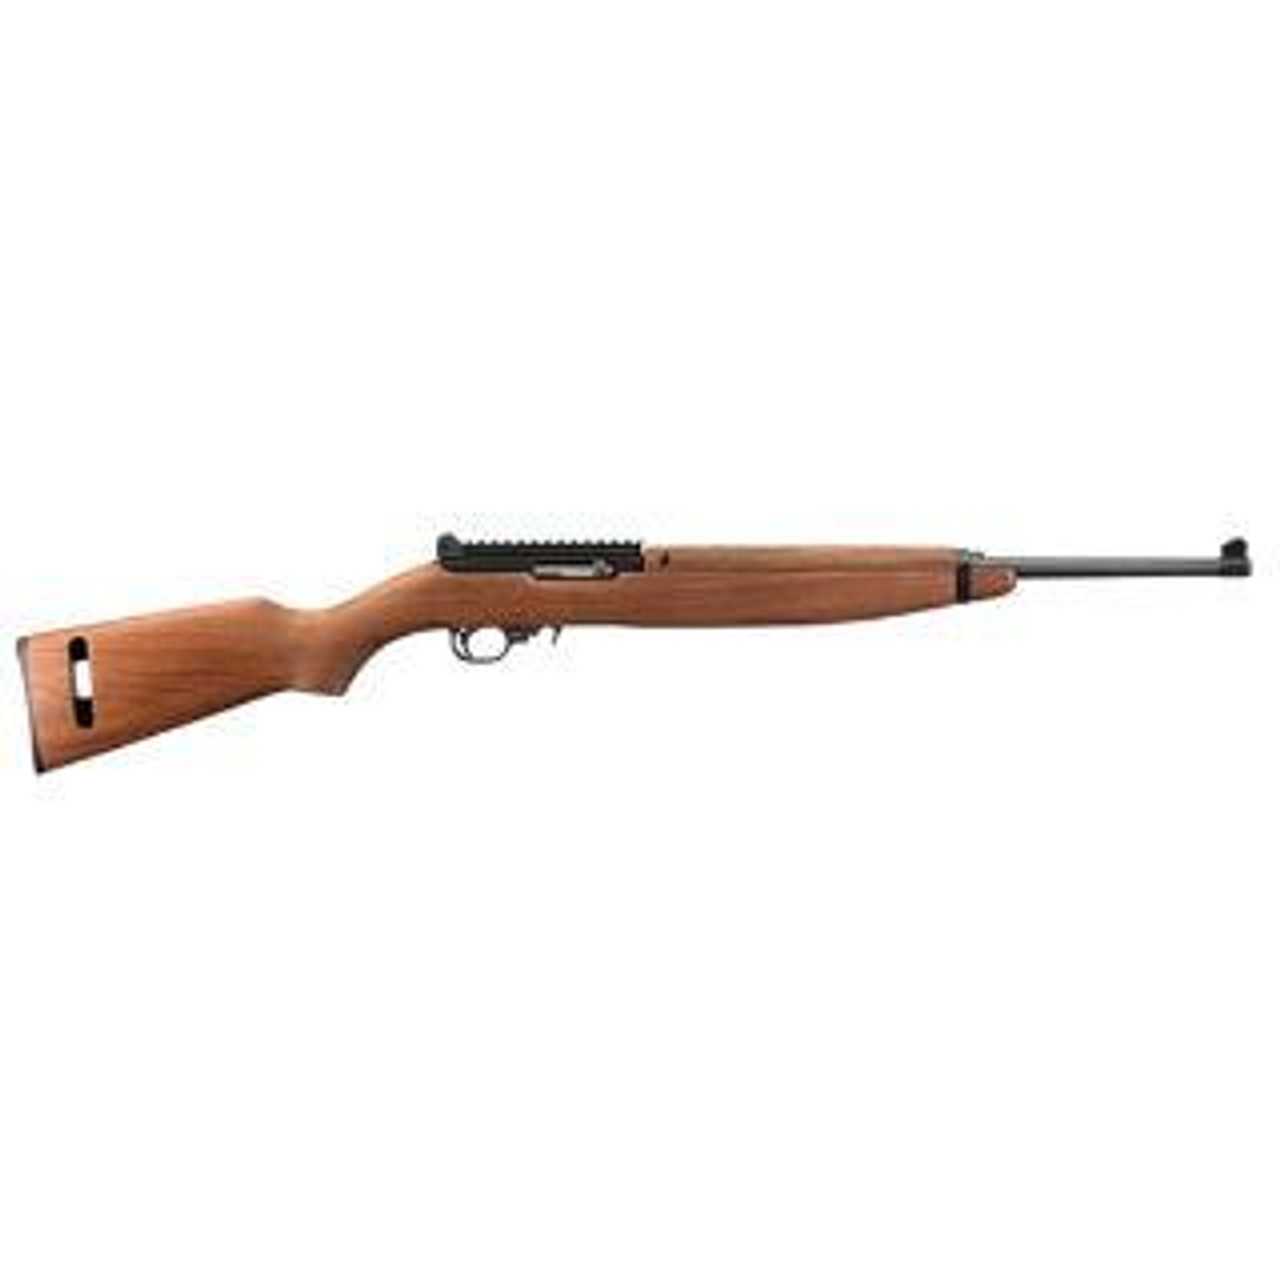 Ruger 10/22 M1 Carbine CALIFORNIA LEGAL - .22LR